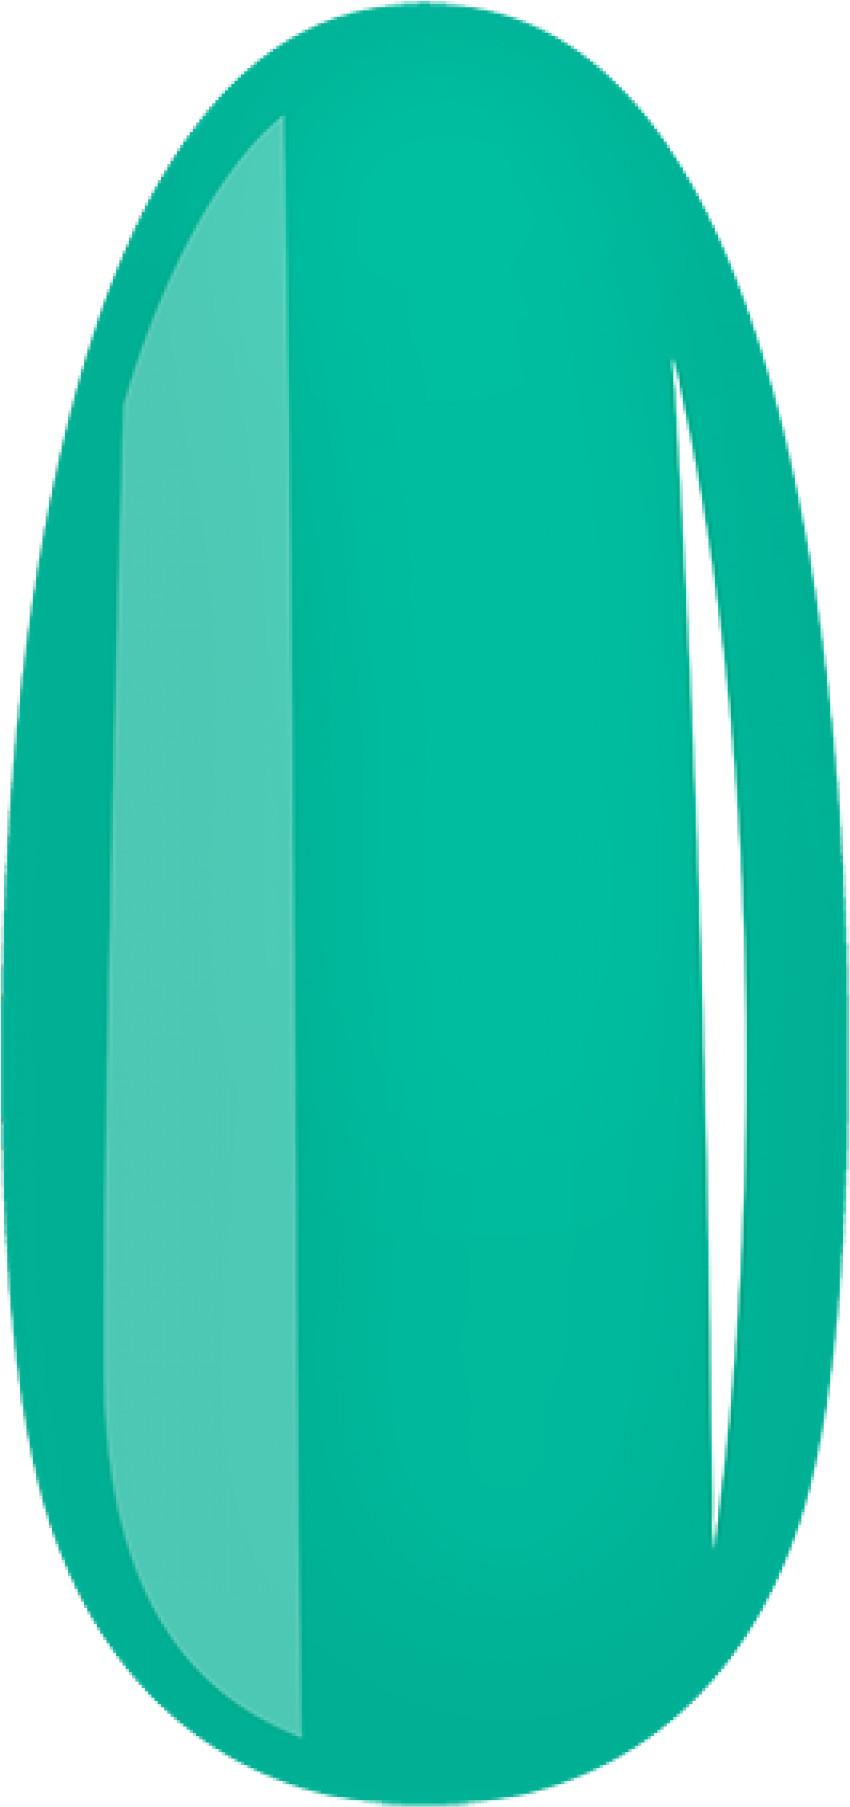 DUOGEL DUOGEL 131 Cactus Green - lakier hybrydowy 6ml 10179-uniw